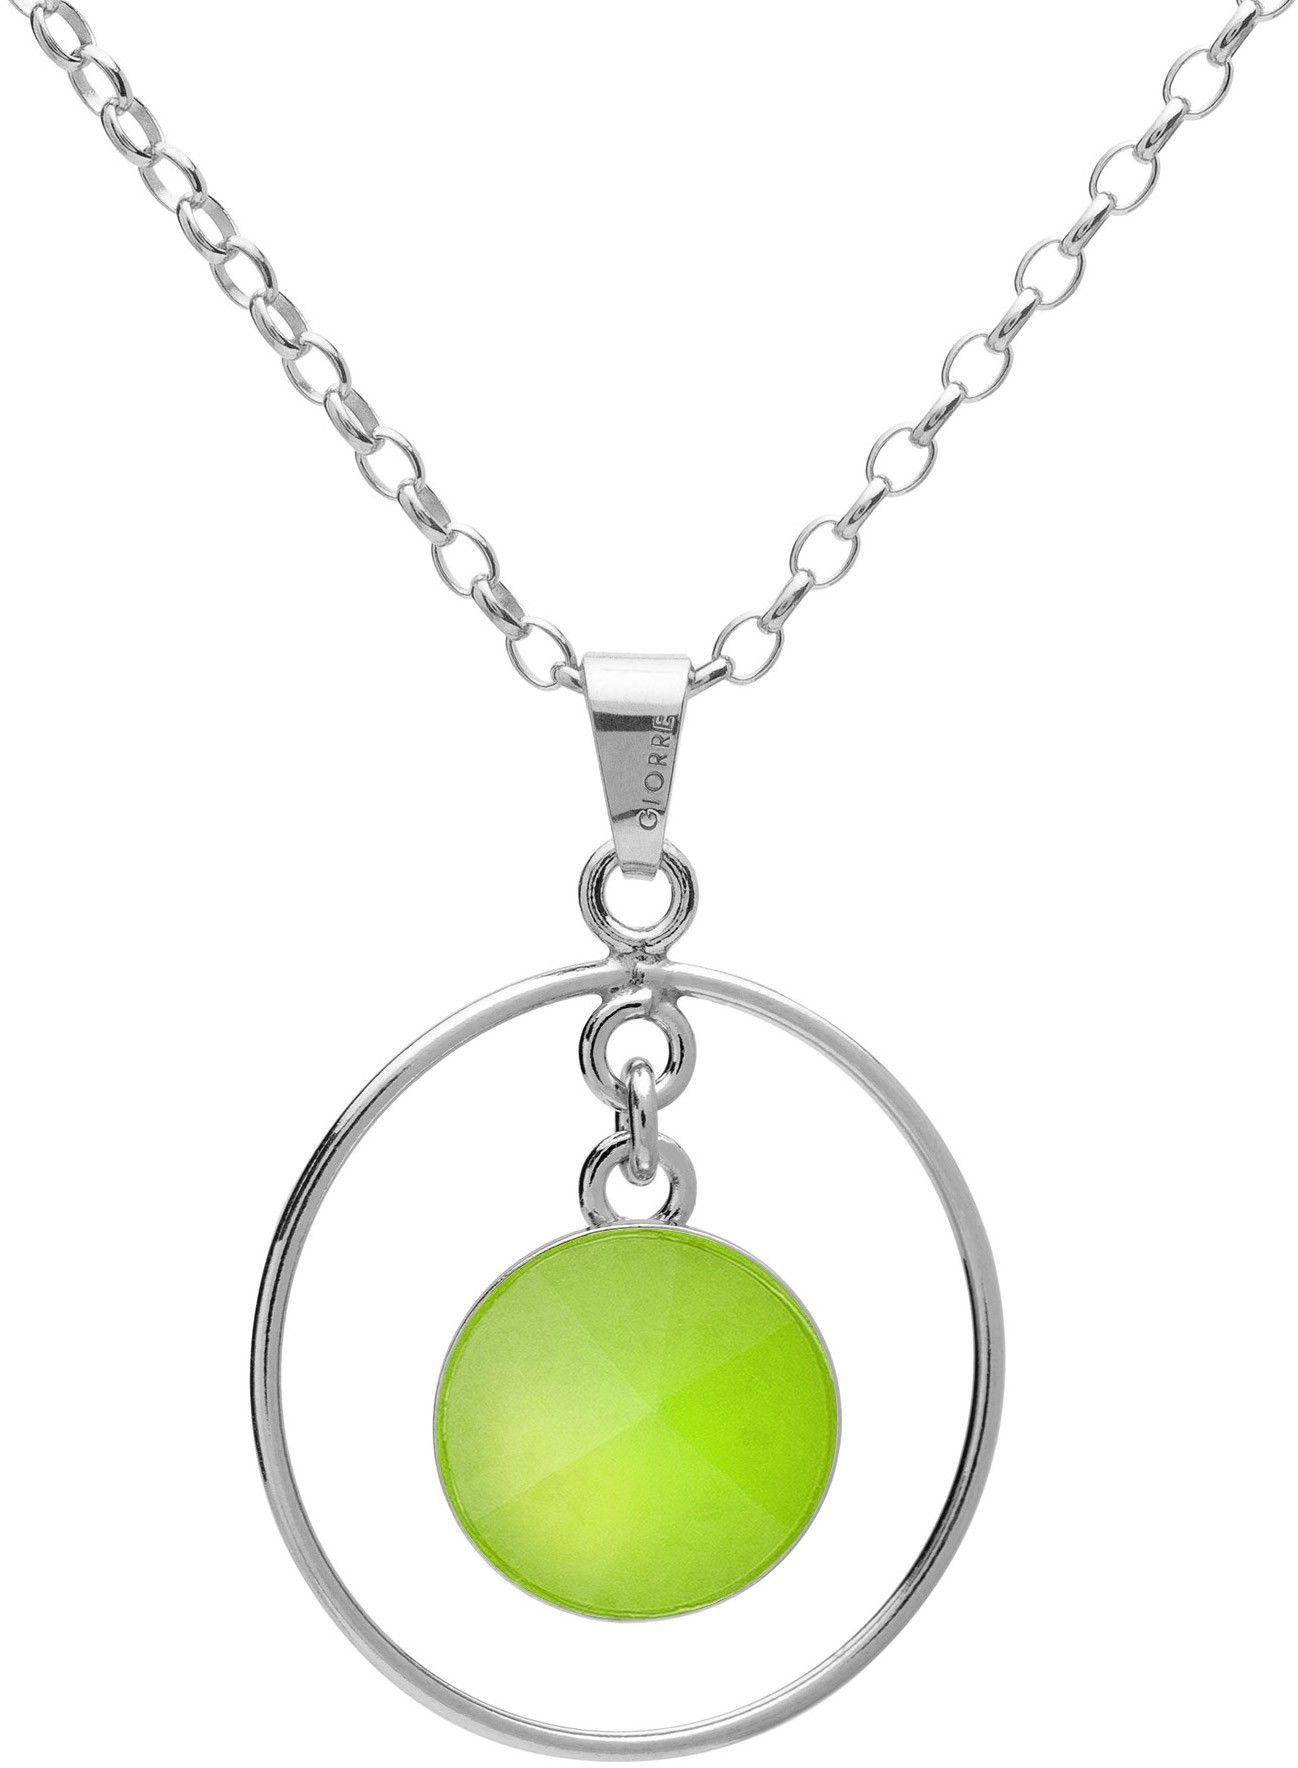 Okrągły naszyjnik z naturalnym kamieniem - chryzopraz, srebro 925 : Długość (cm) - 45 + 5, Kamienie naturalne - kolor - chryzopraz zielony jasny, Srebro - kolor pokrycia - Pokrycie platyną